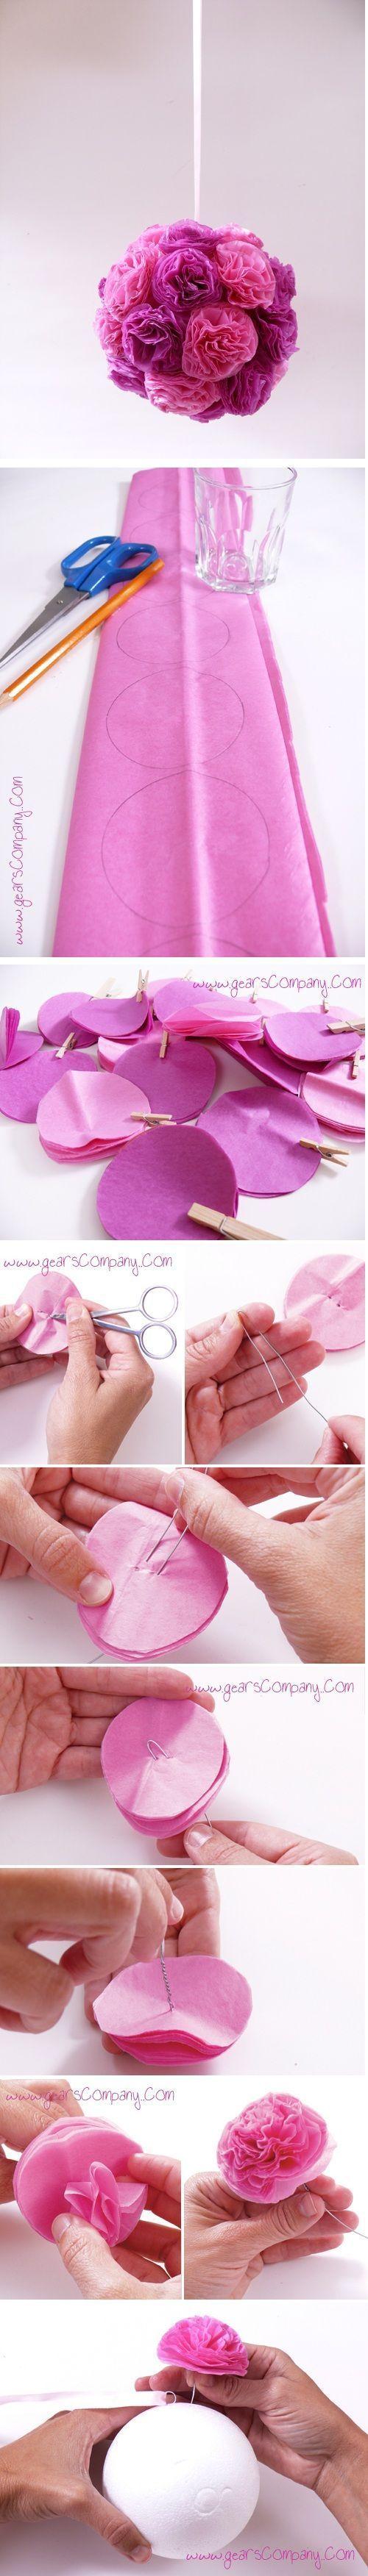 Hola Chicas!! En esta ocasion les tengo tutoriales de flores de papel donde podrán ver como hacerlas paso a paso, yo no las hecho todavia pero iré a comprar el material para hacerlas y se las mostrare mas adelante. Les dejo una galeria de fotos diferentes estilo de flores y como puedas integrarlas a tu decoracion.